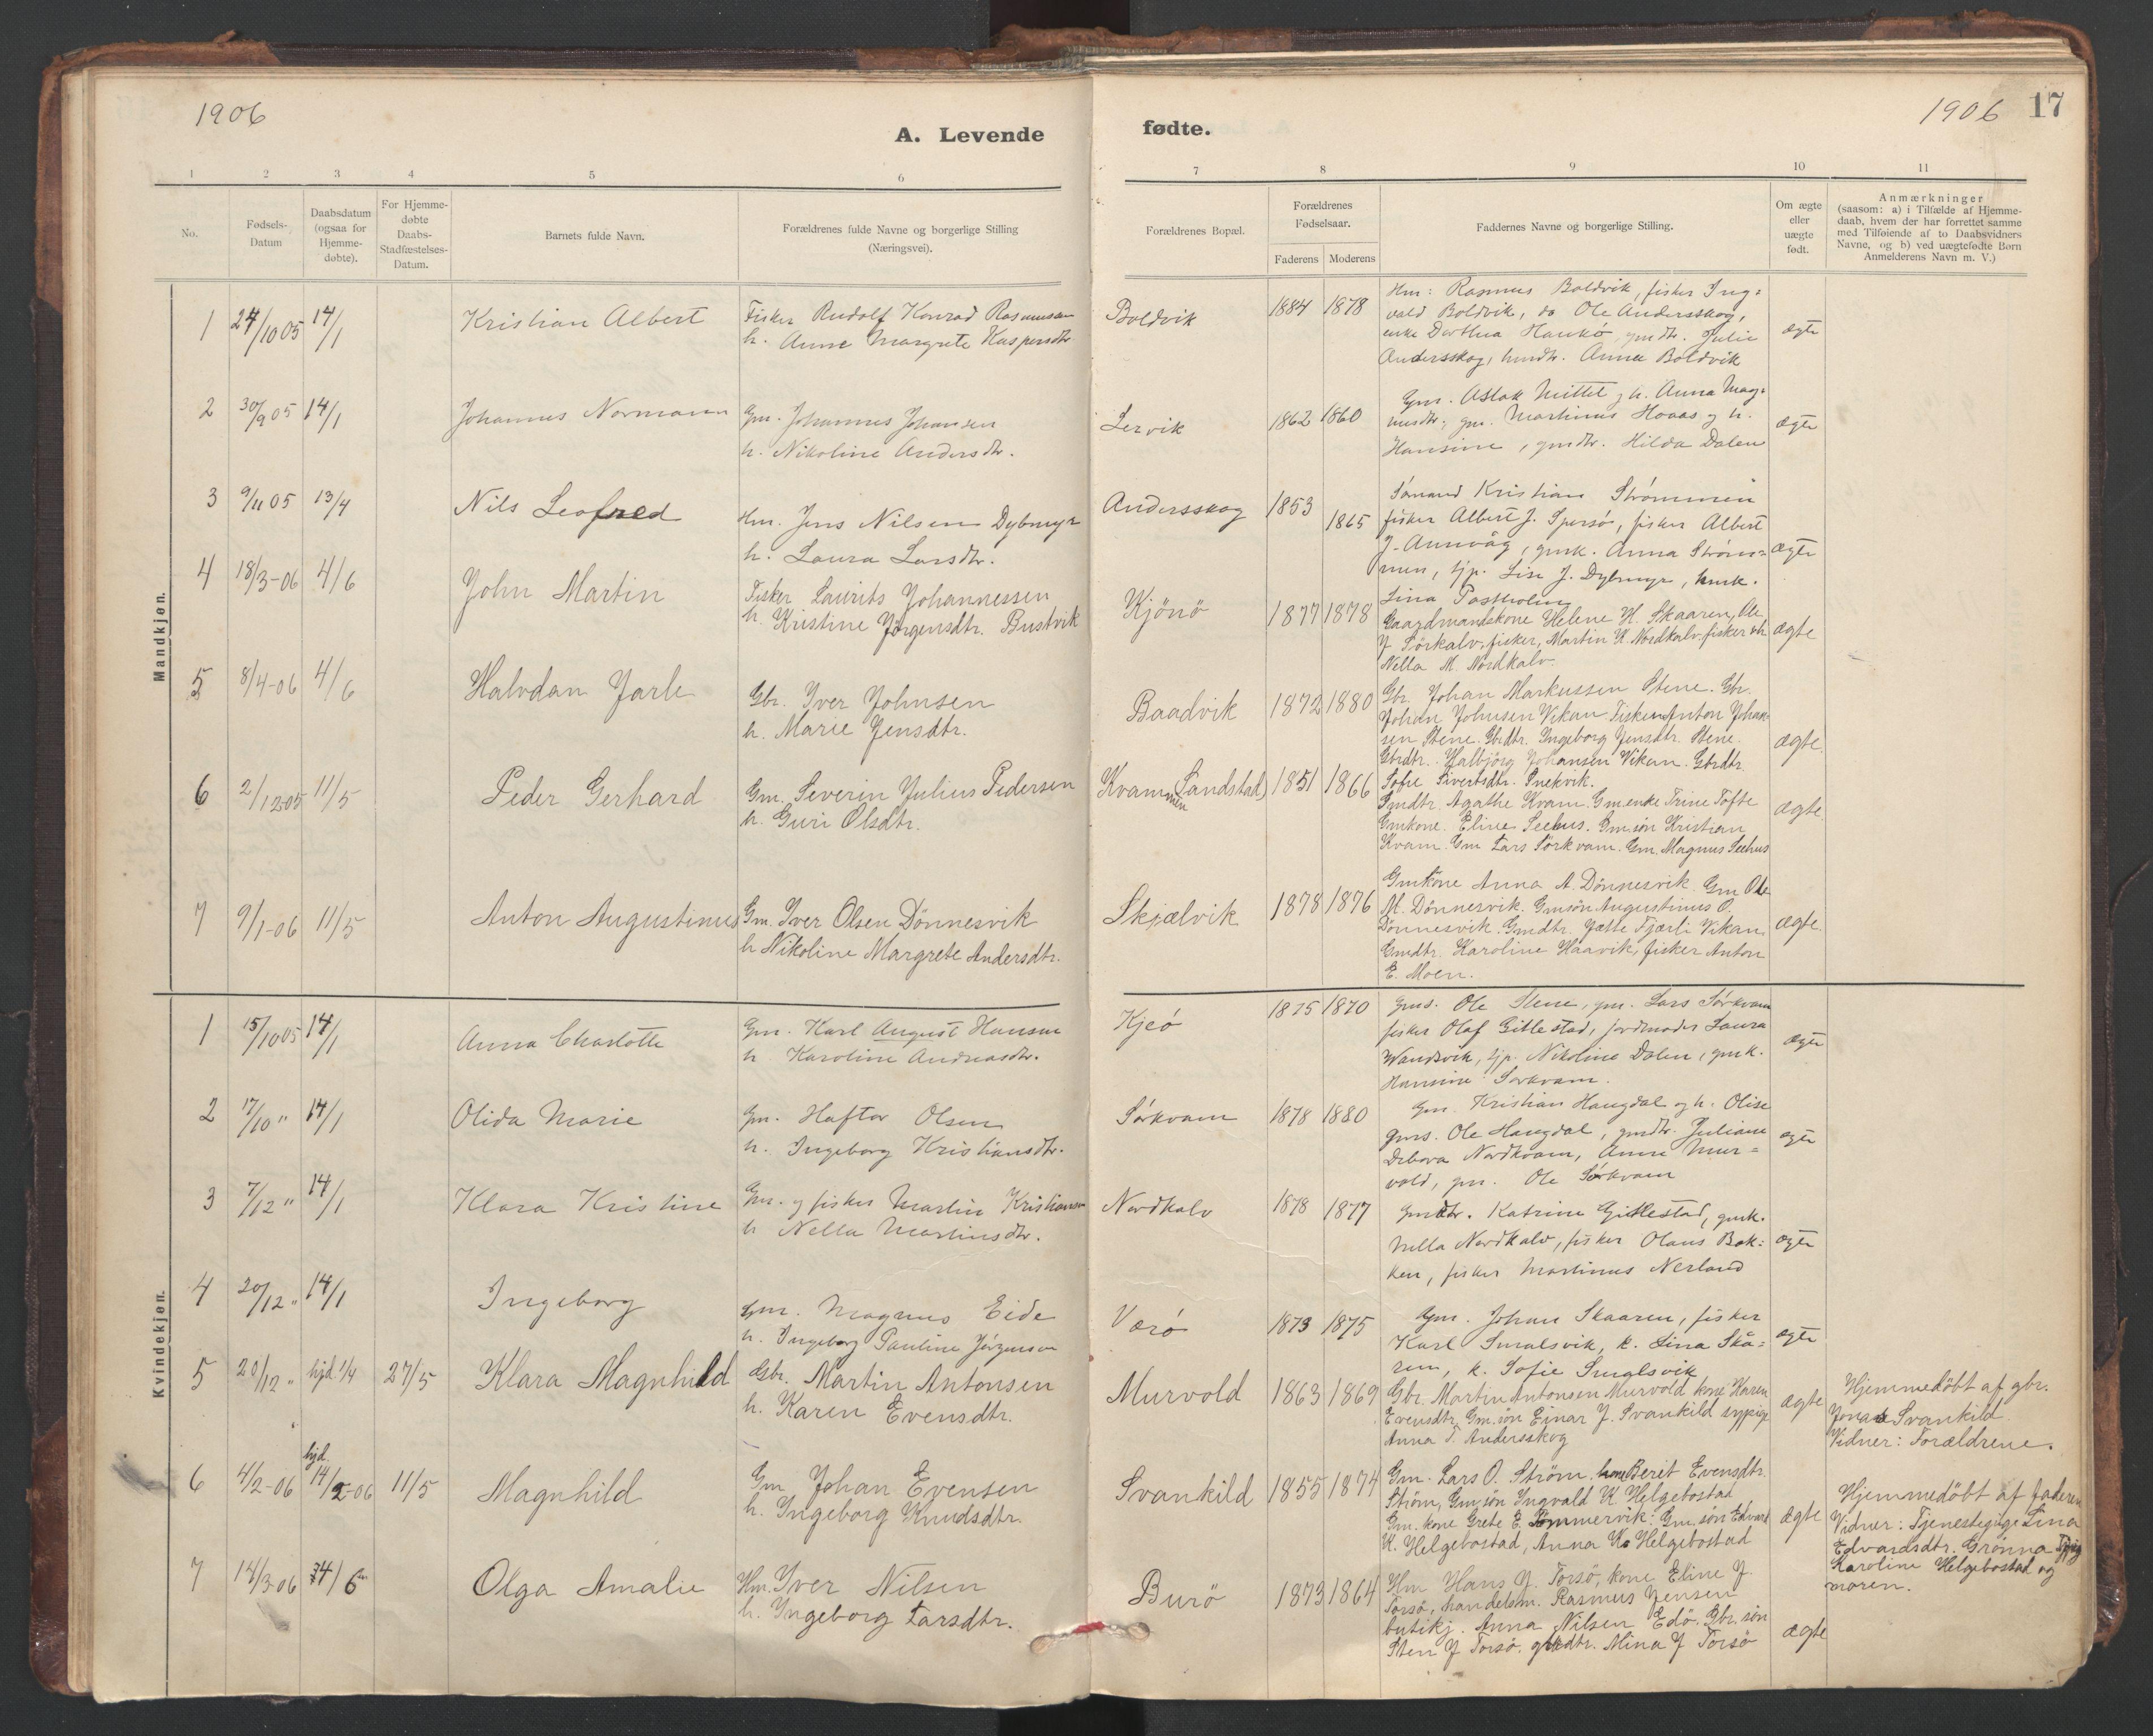 SAT, Ministerialprotokoller, klokkerbøker og fødselsregistre - Sør-Trøndelag, 635/L0552: Ministerialbok nr. 635A02, 1899-1919, s. 17